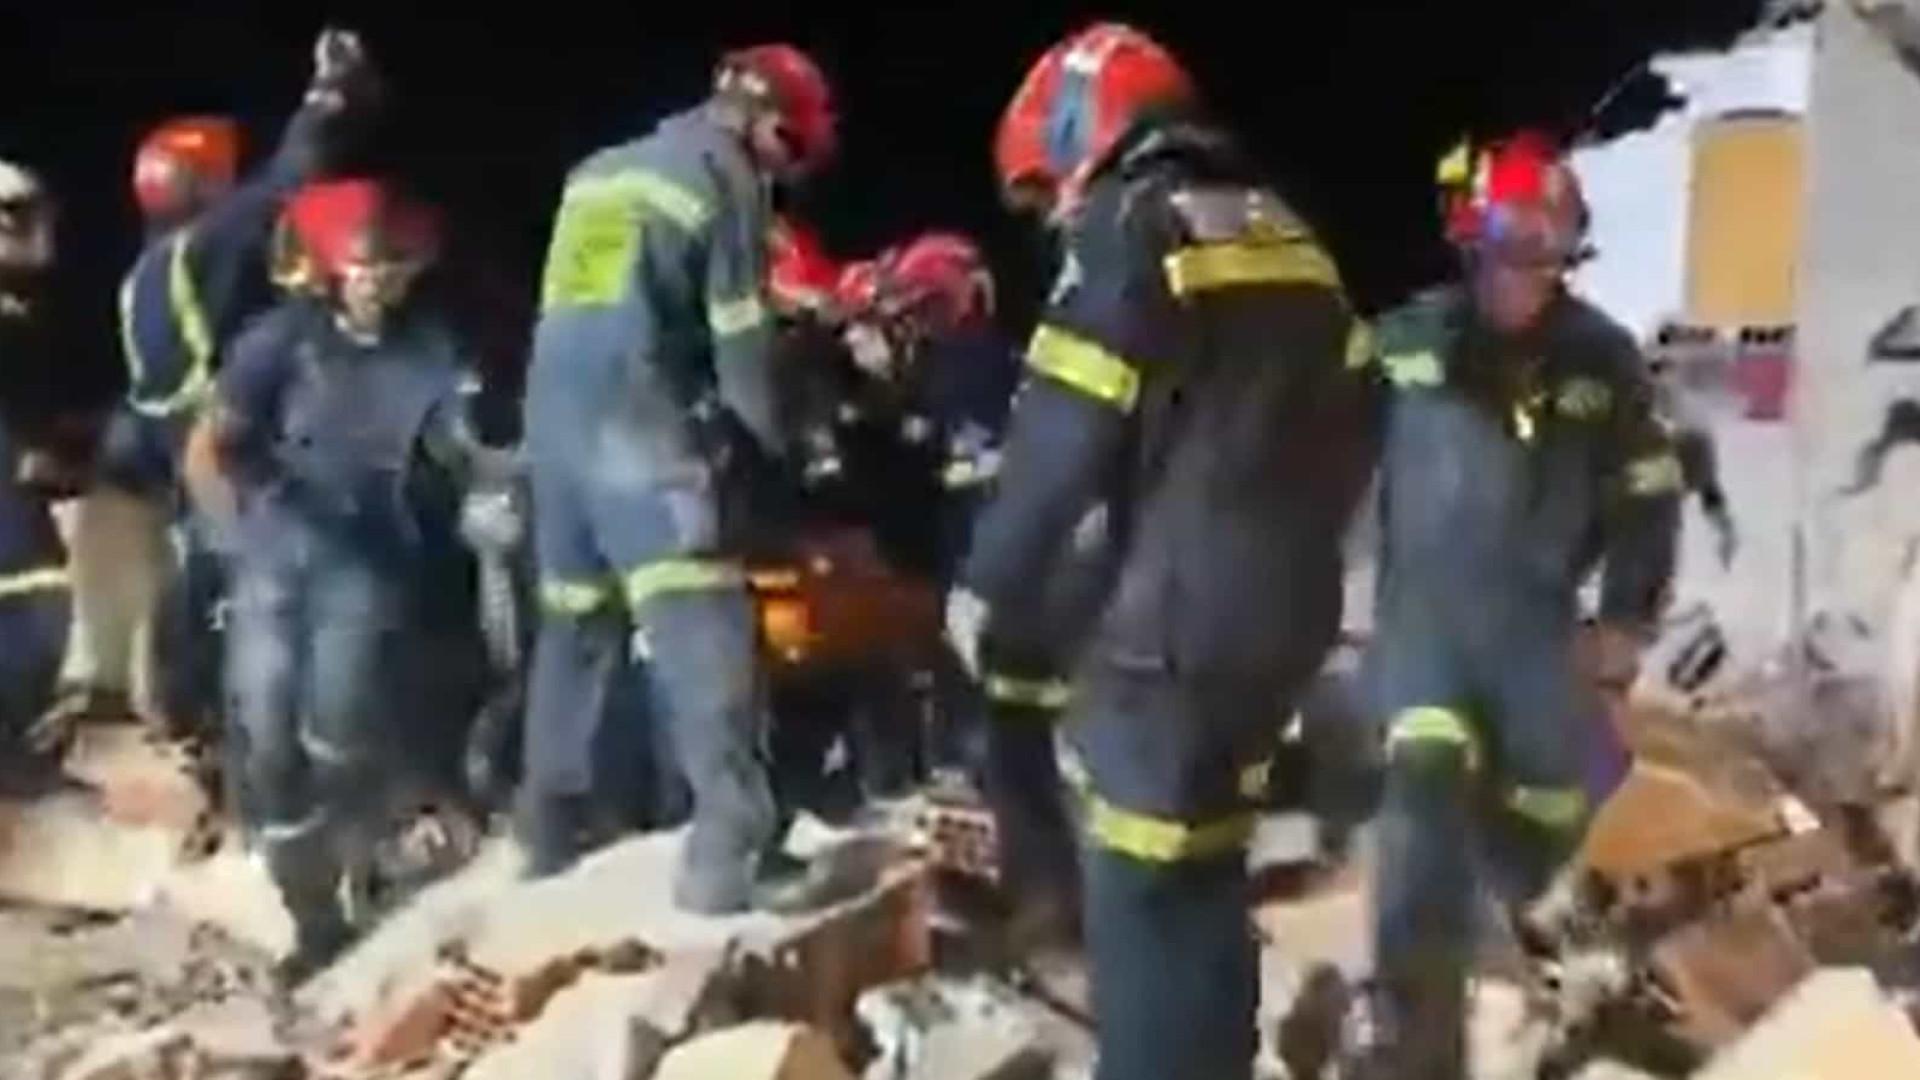 Jovem é encontrado com vida após queda de prédio. Veja imagens do resgate